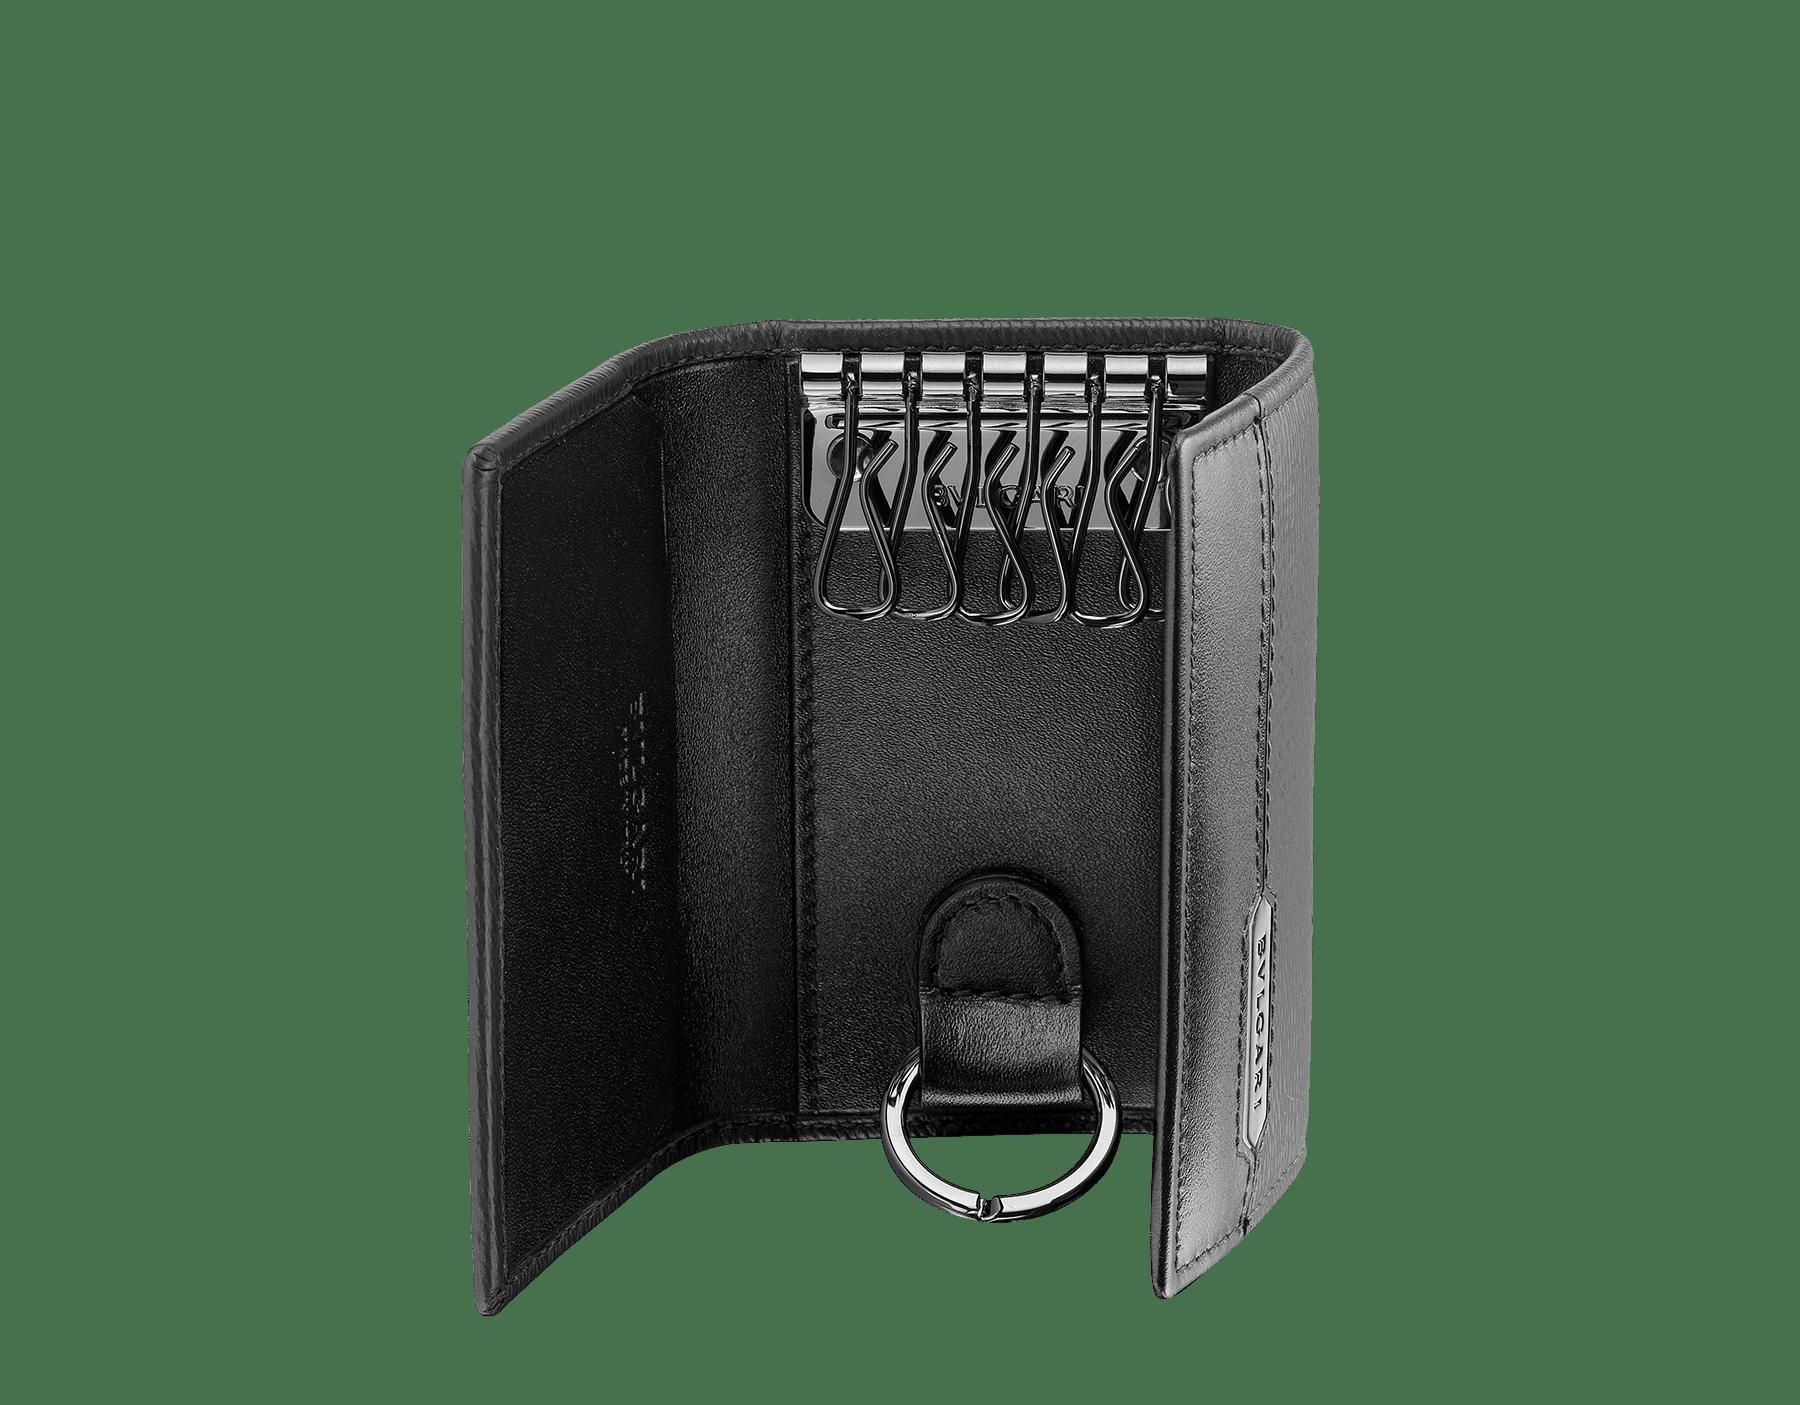 Porte-clés Serpenti Scaglie en cuir de veau éraflé couleur Mimetic Jade et cuir de veau noir. Plaque hexagonale en métal Scaglie au fini ruthénium foncé ornée du logo Bvlgari gravé. 581-KEYHOLDER-CAR image 2